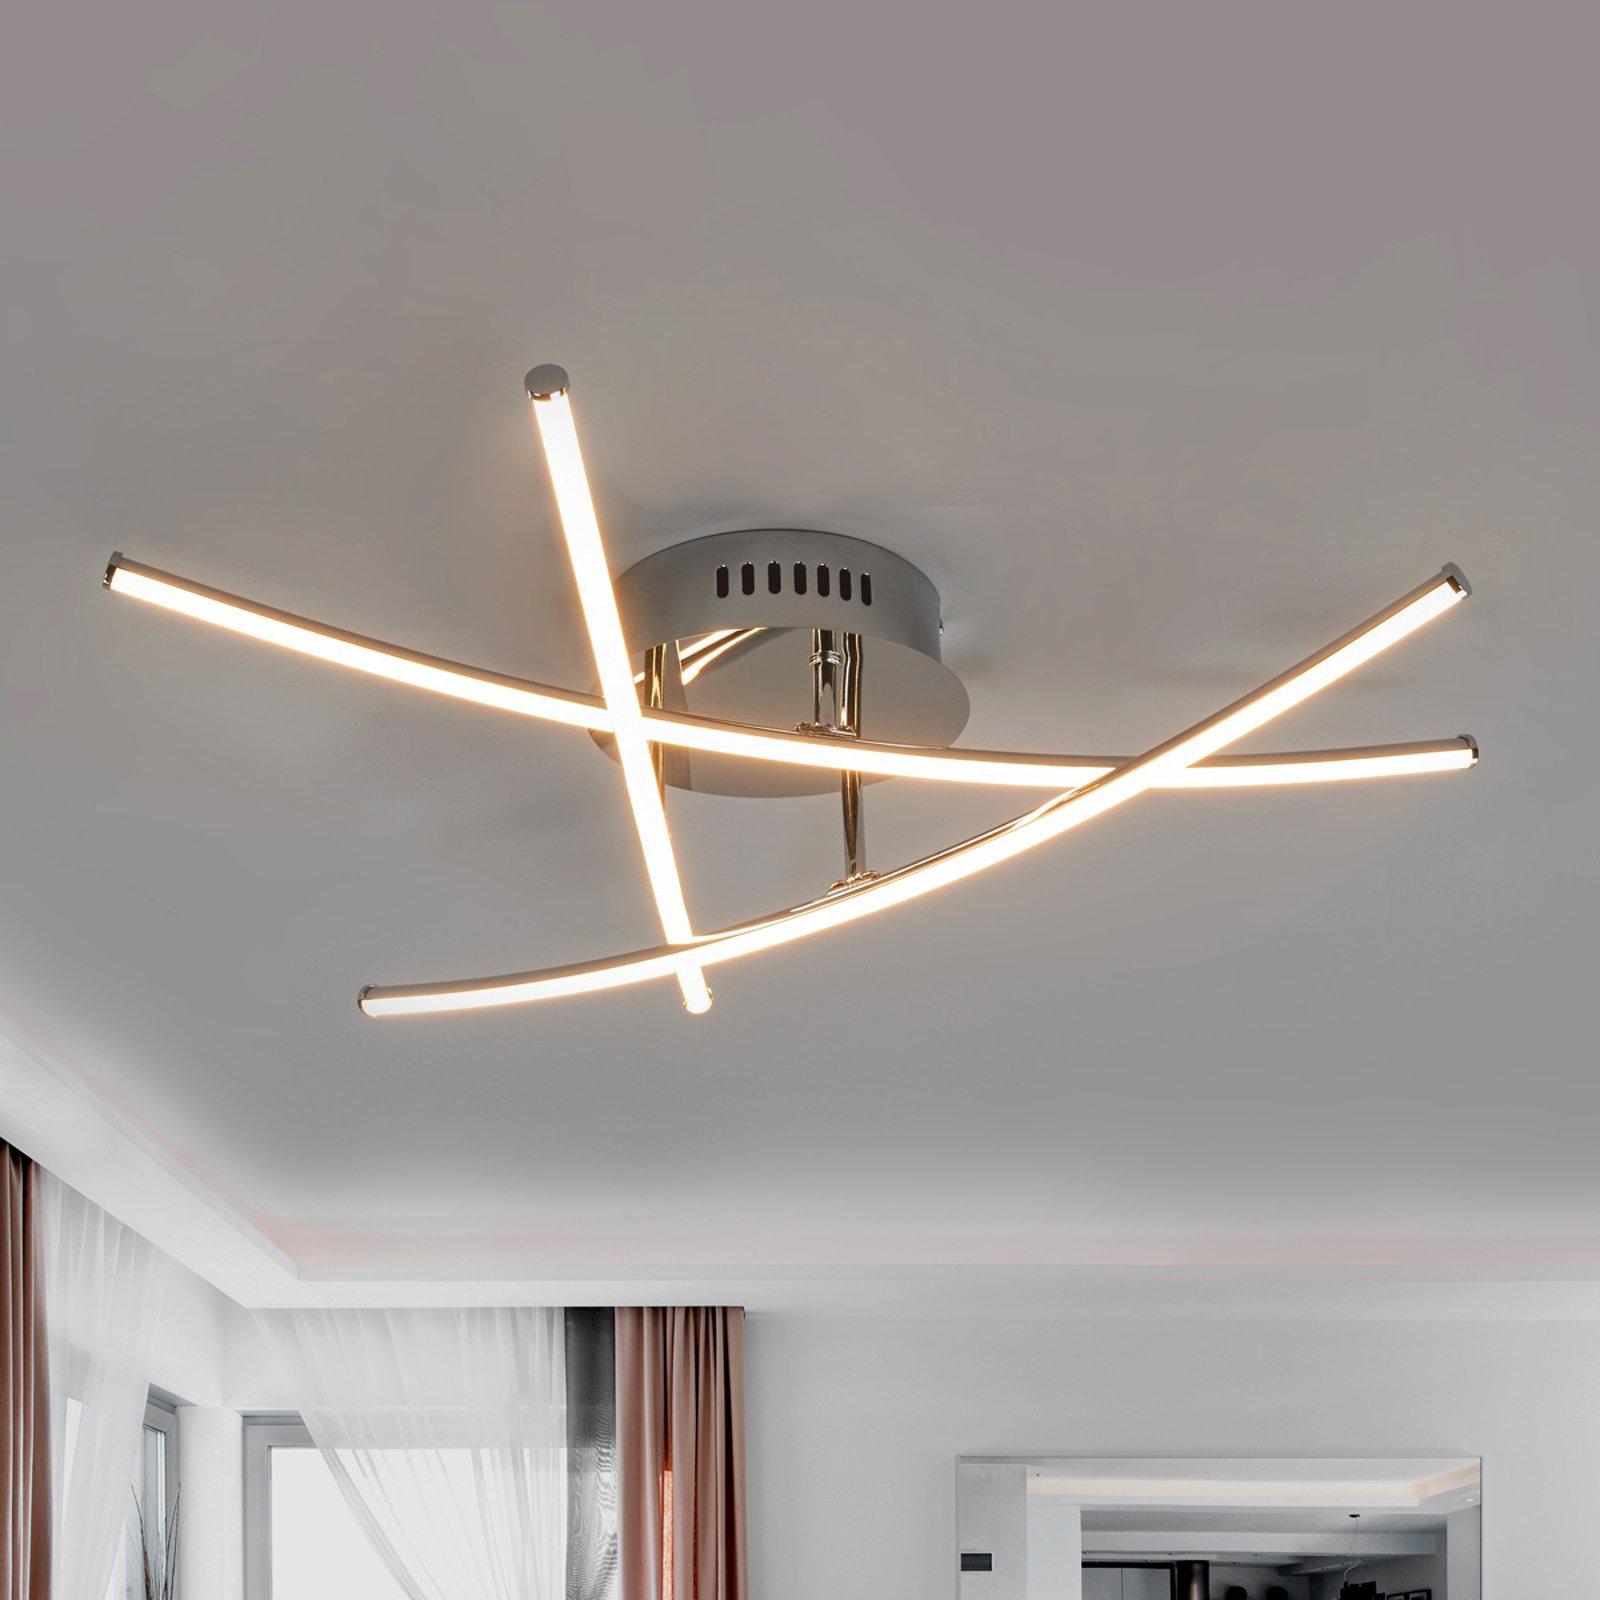 Yael vakker LED-taklampe med kryssende staver